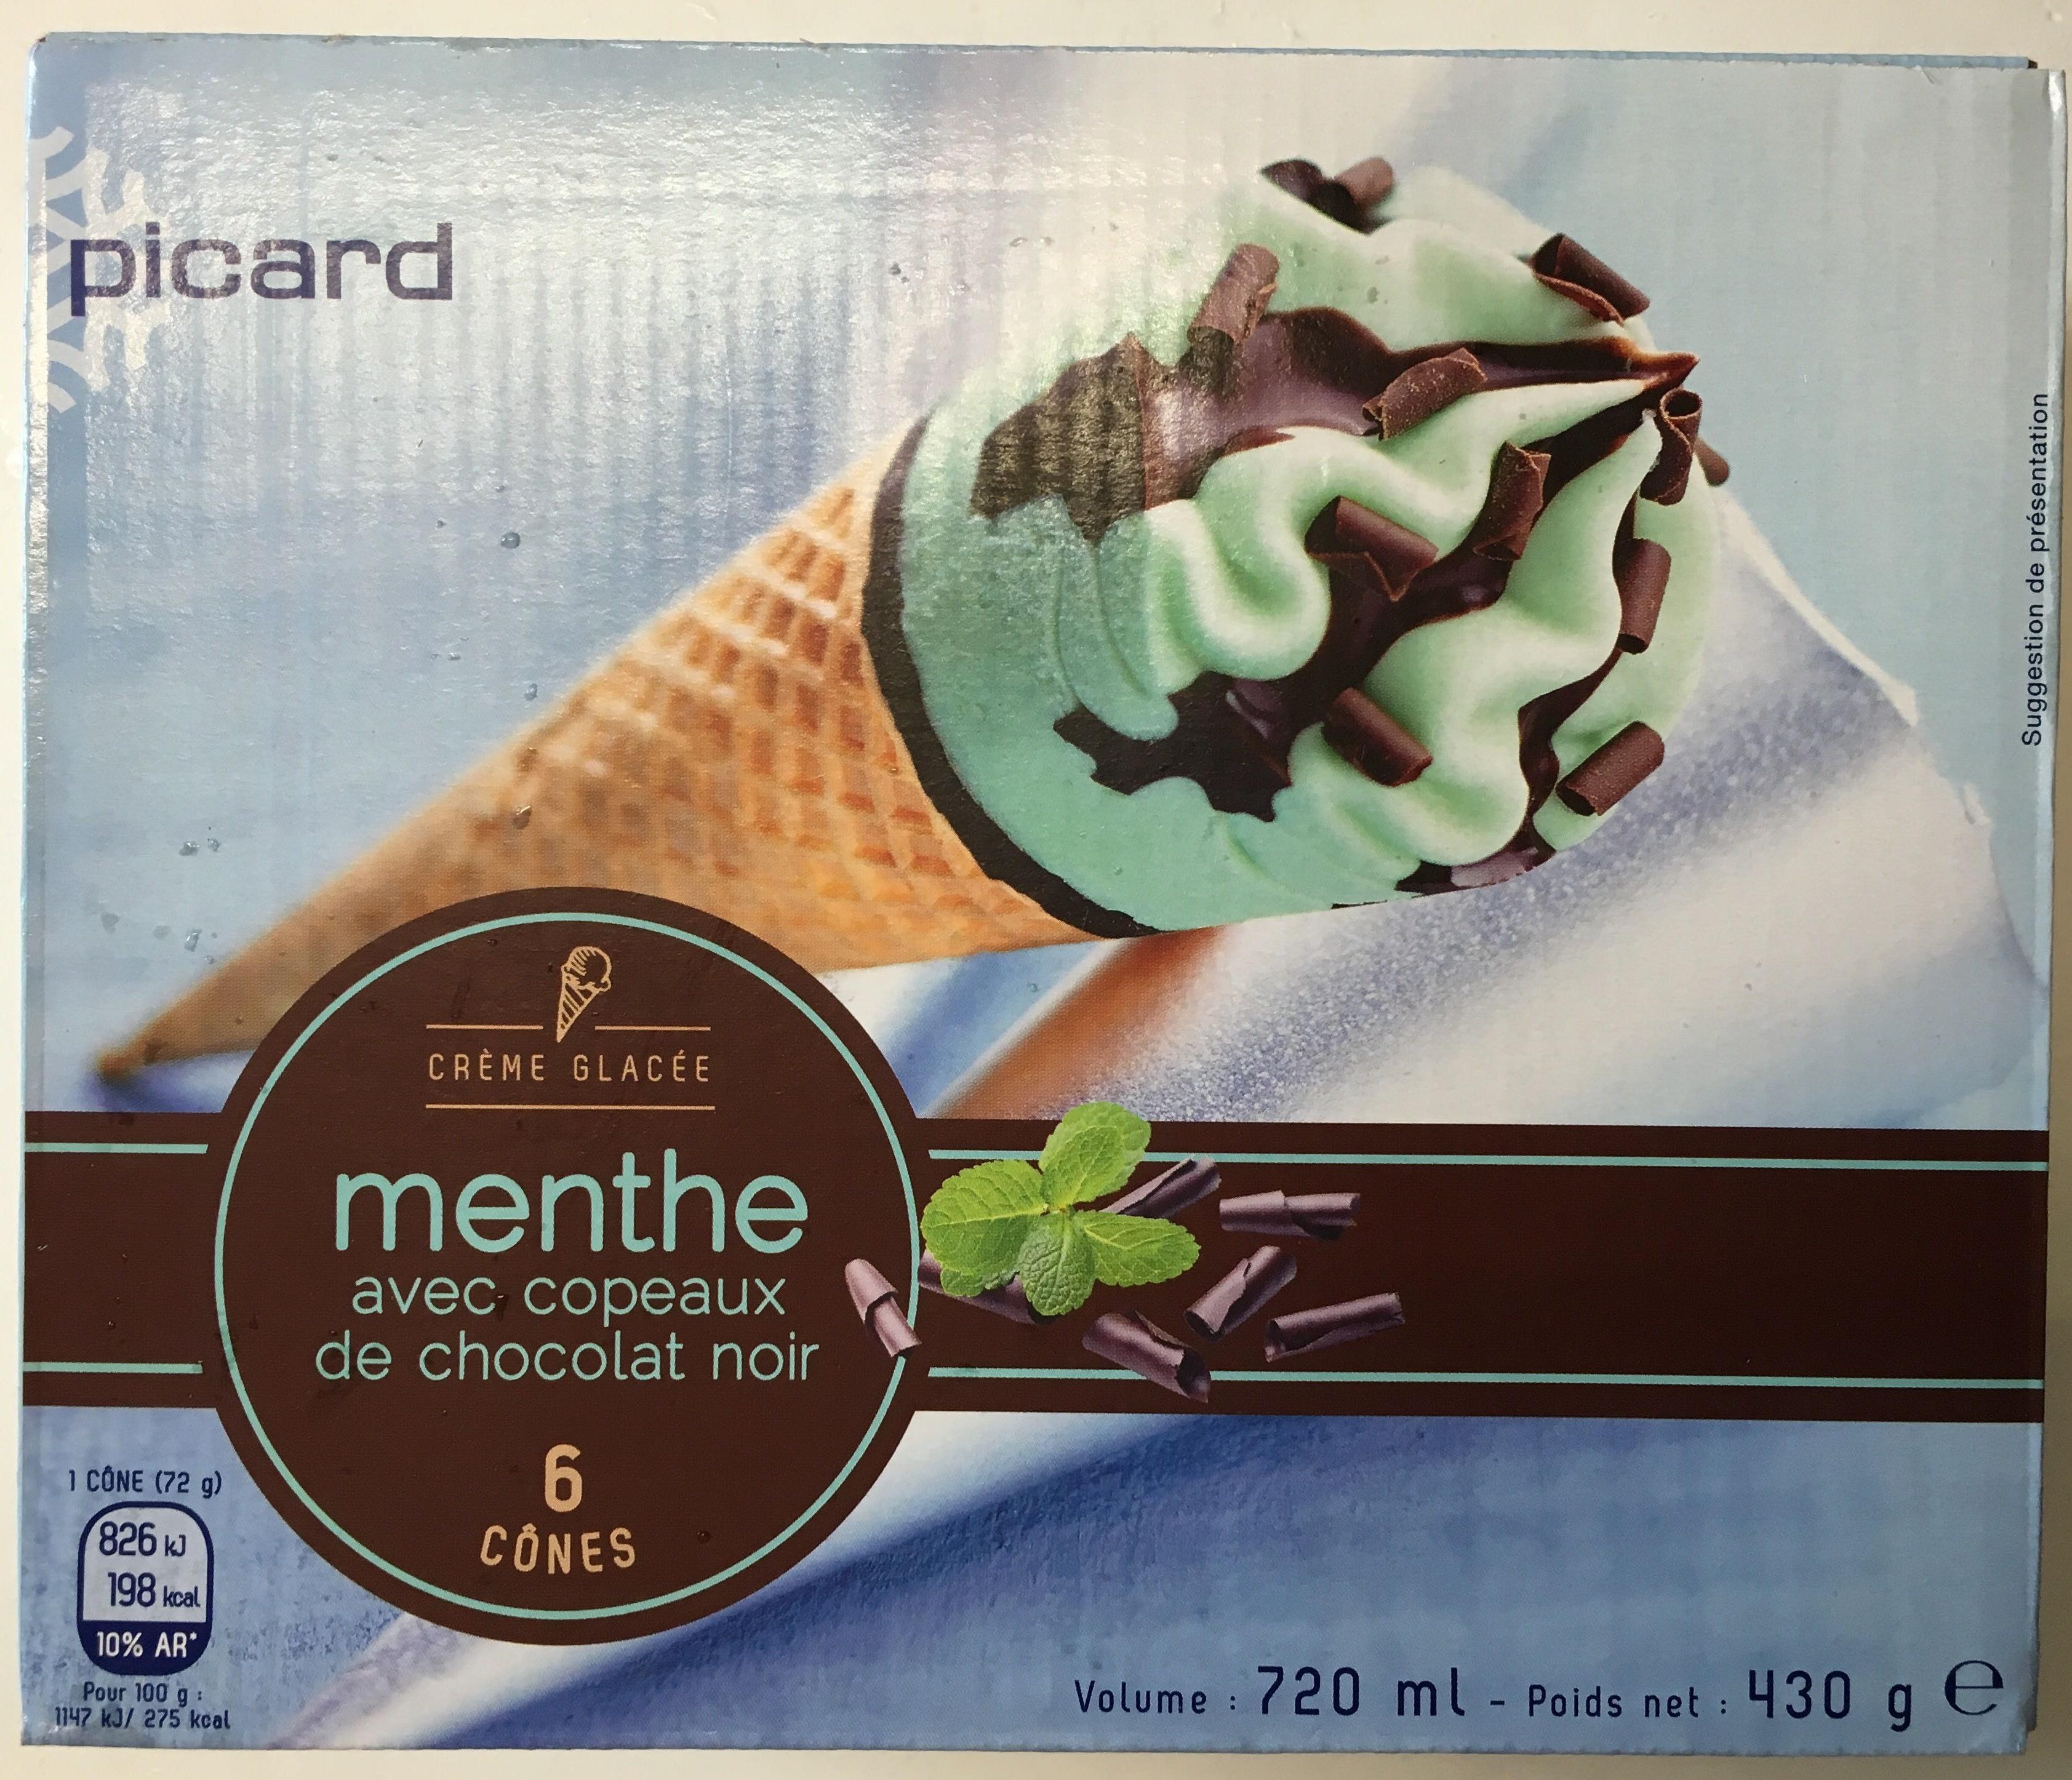 Crème glacée Menthe avec copeaux de Chocolat Noir 6 Cônes - Produit - fr